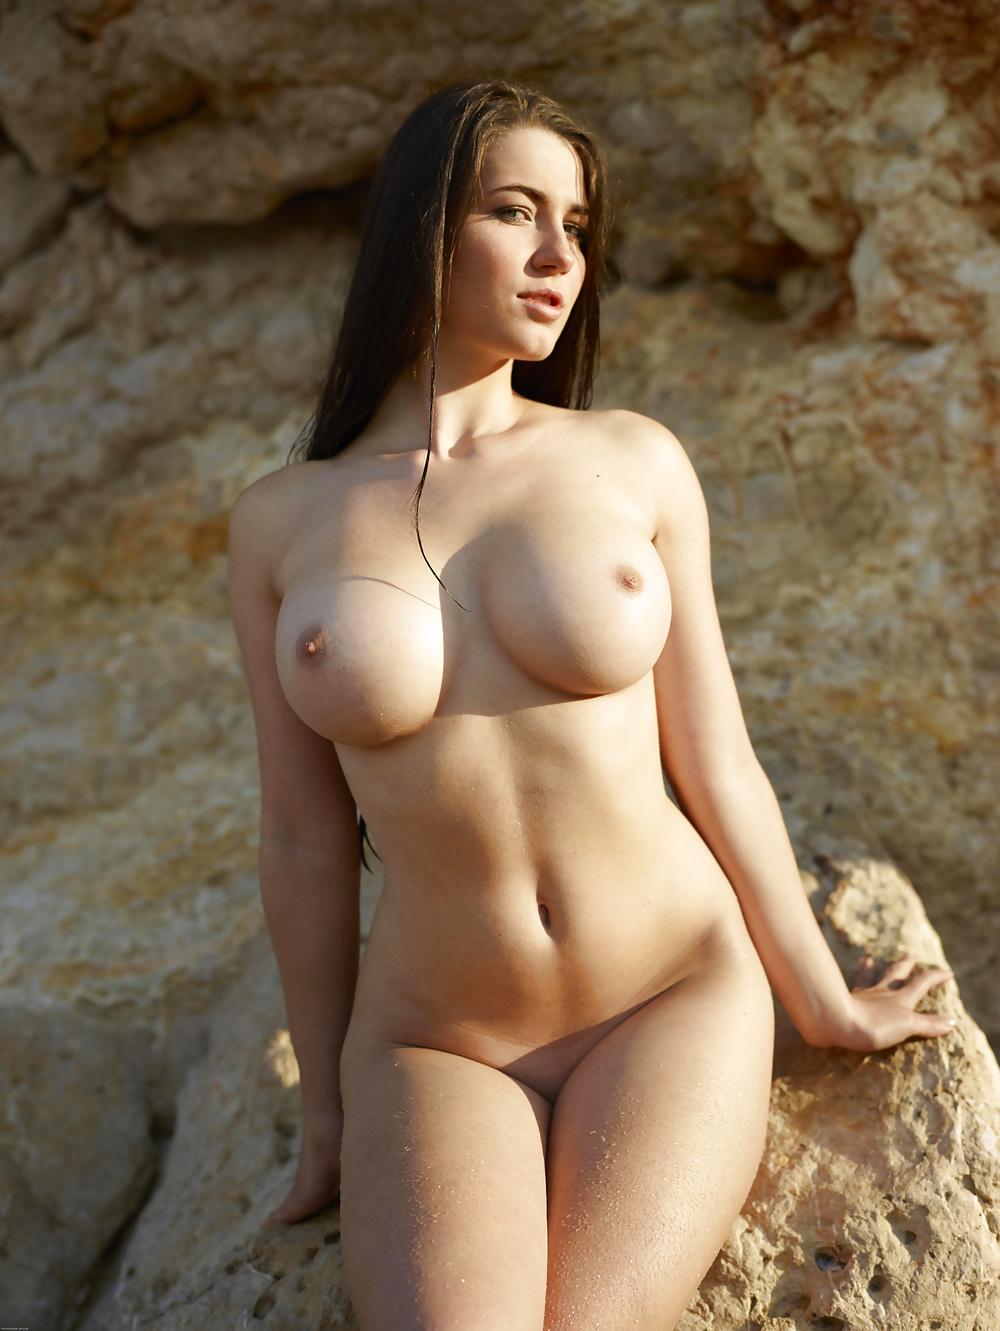 Stora bröst med 18-30 år gamla tikar